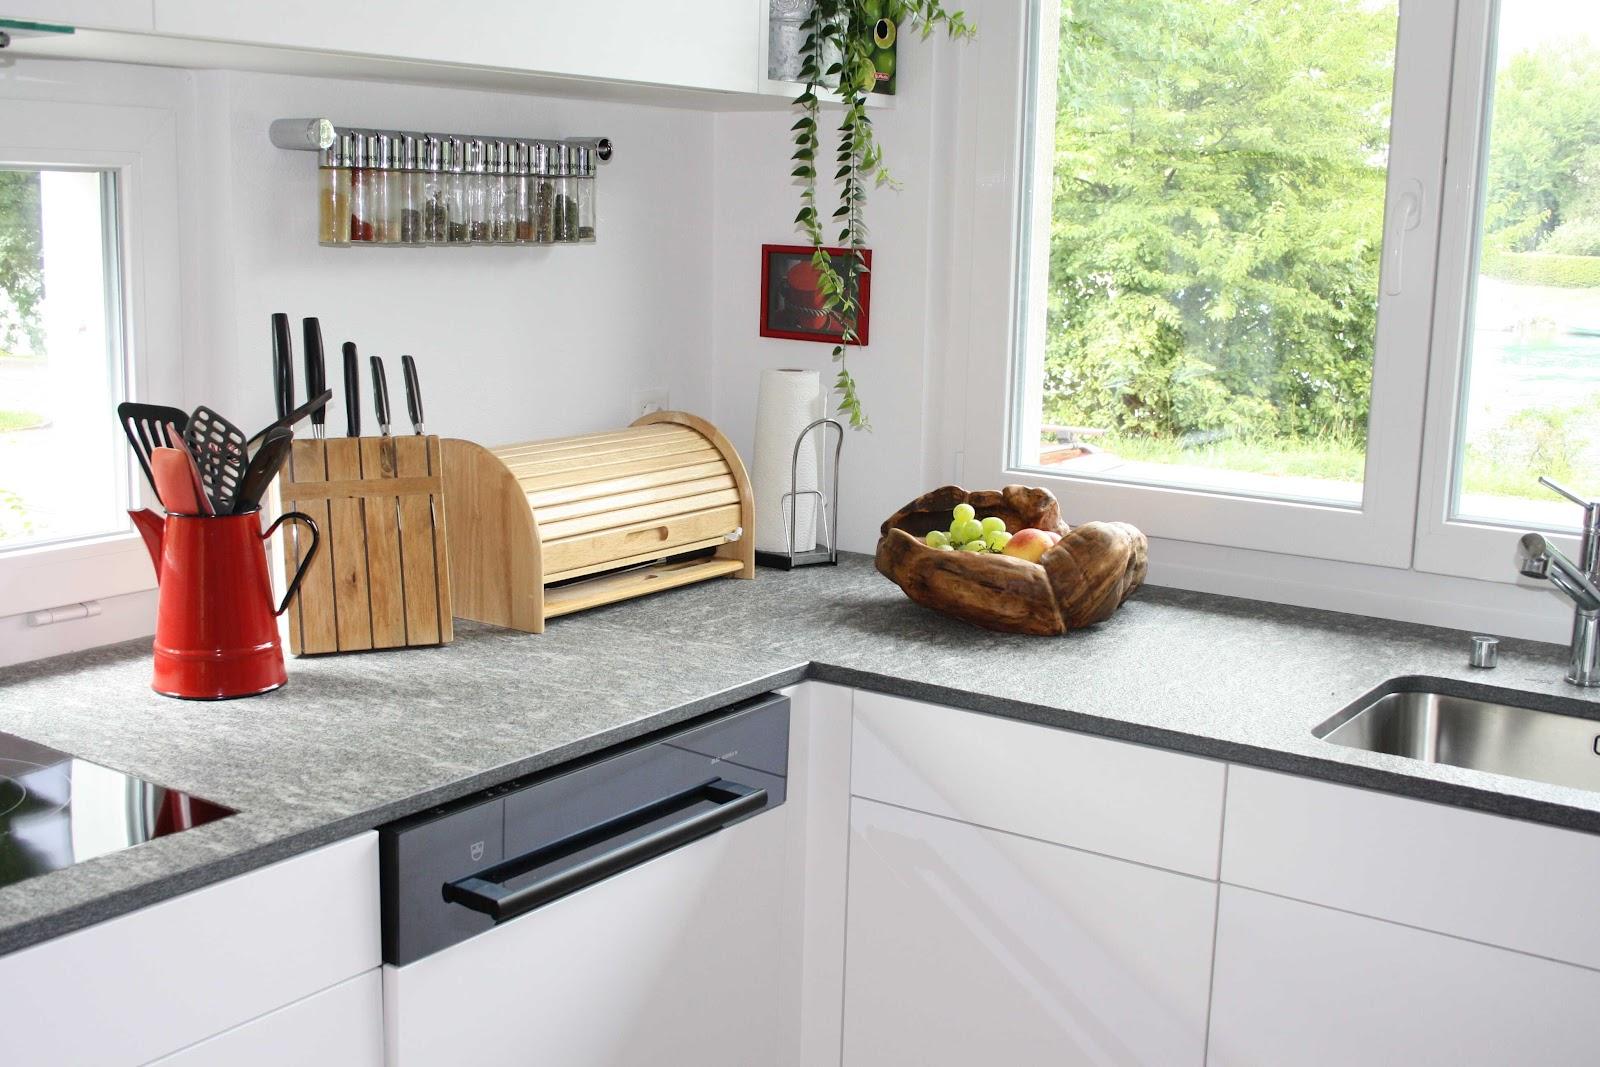 Dekoration Fur Kuchenfenster Wohnzimmer Mel Mit Vorschlage